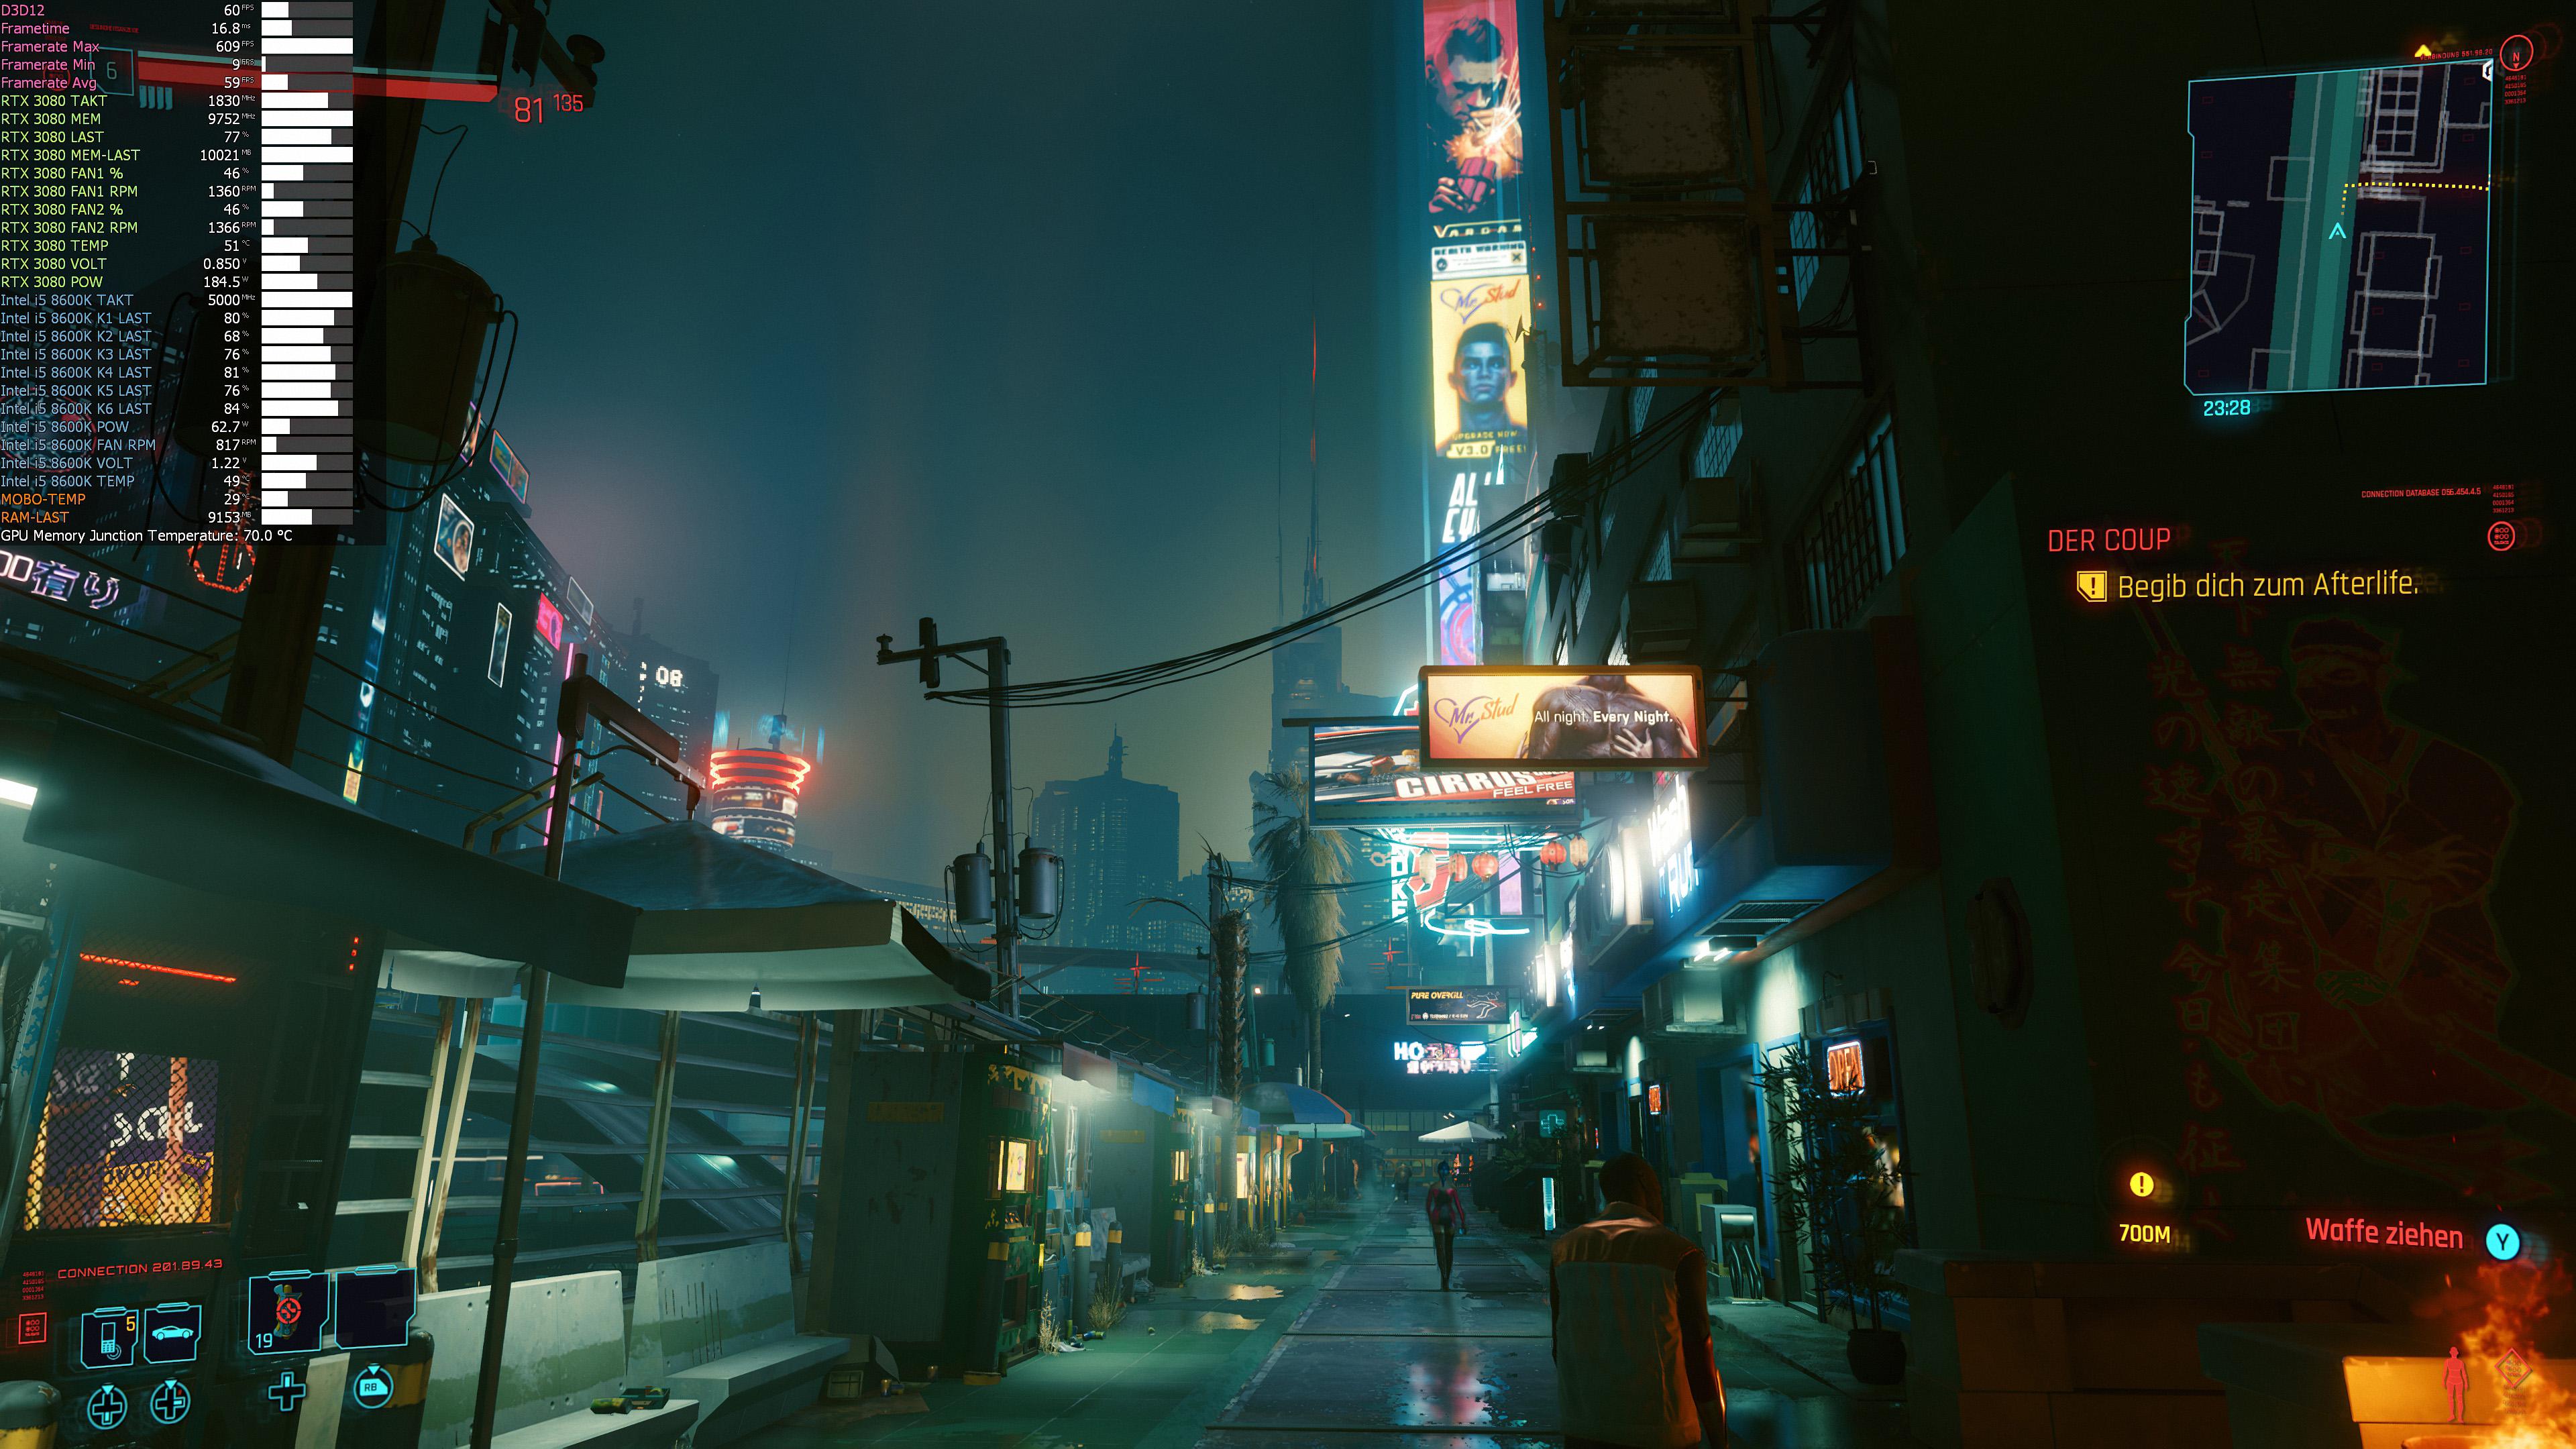 Cyberpunk 2077 Screenshot.jpg